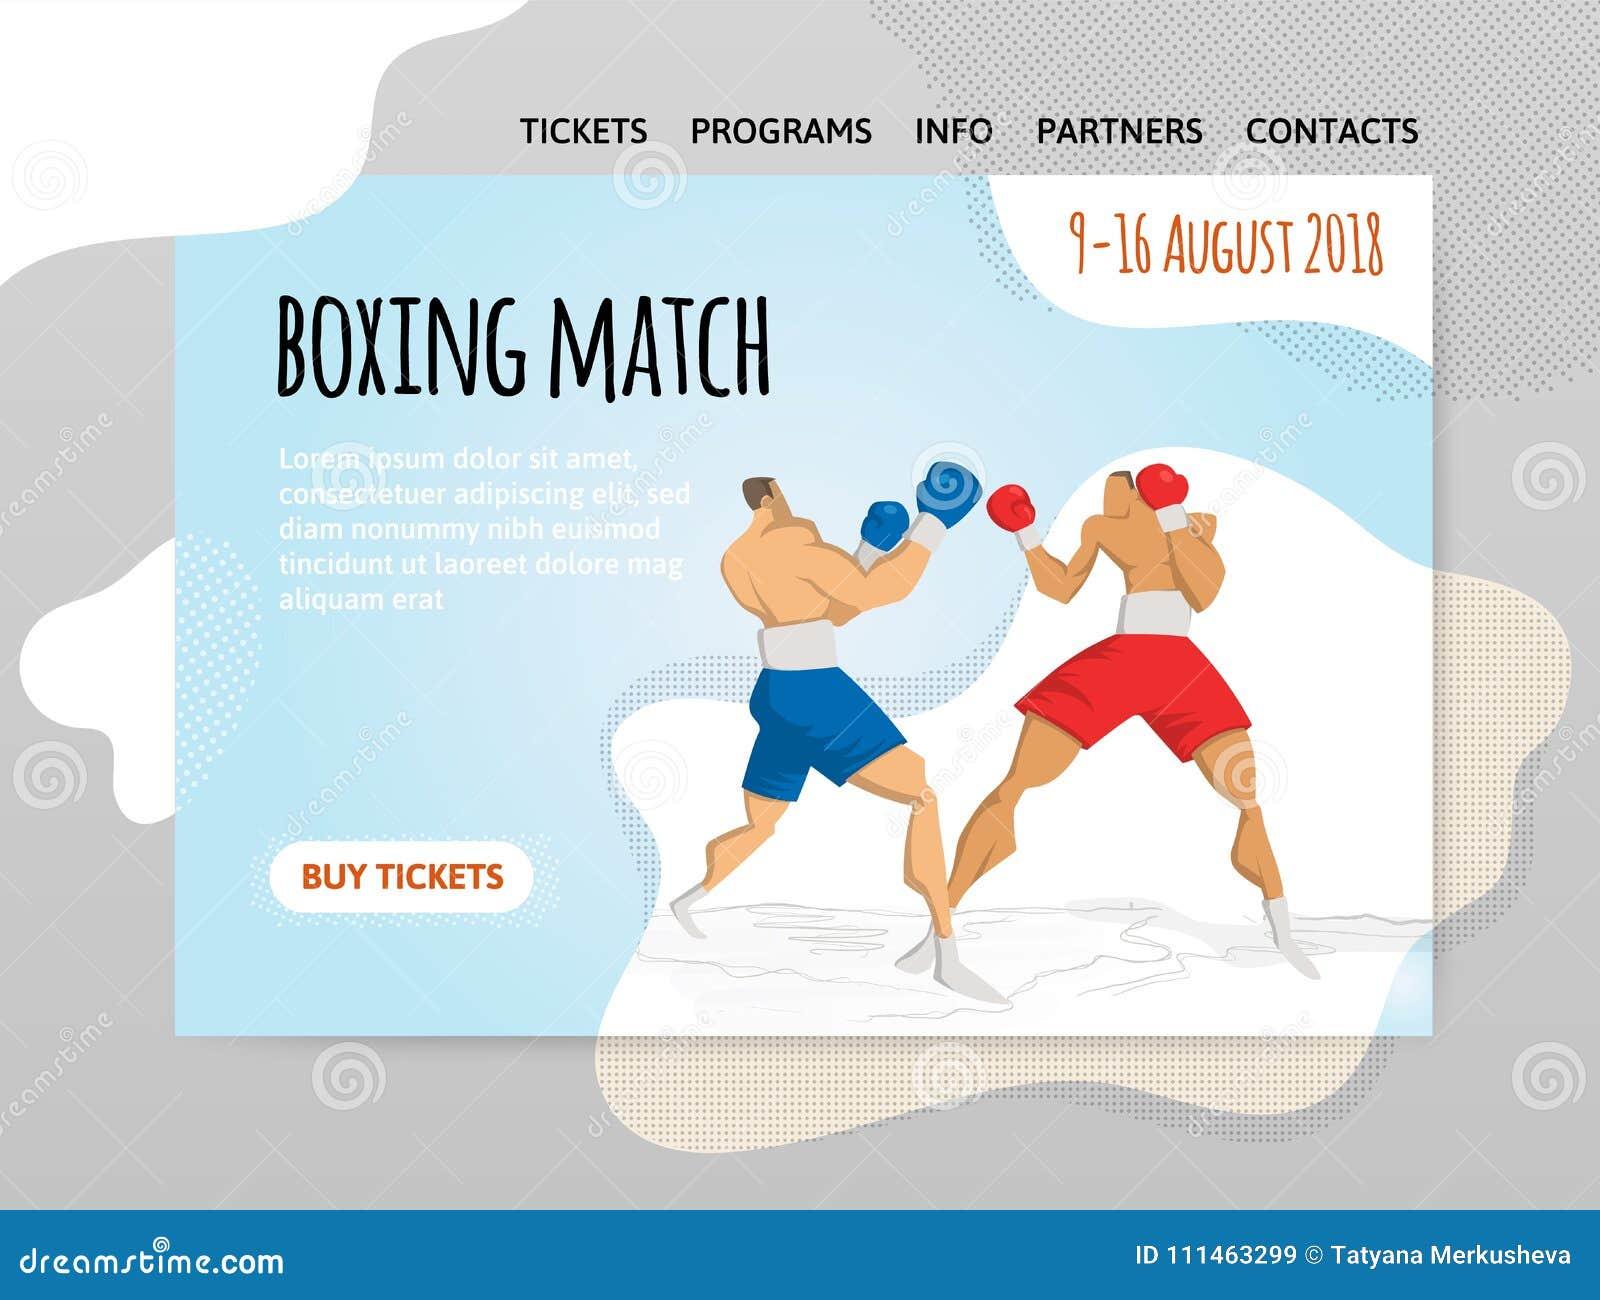 Dos Boxeadores Que Luchan, Combate De Boxeo Vector El Illutration ...